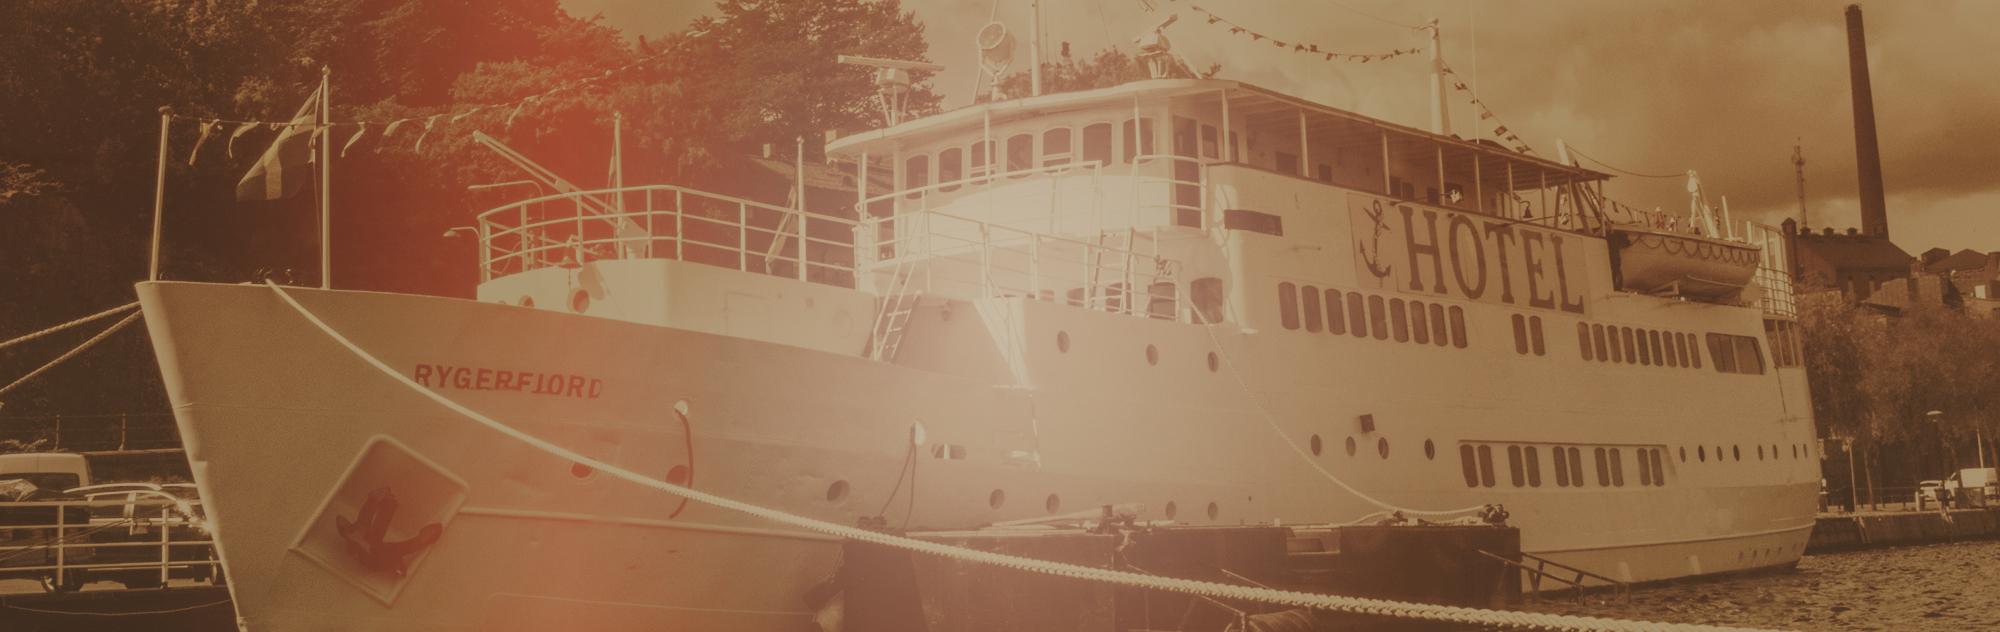 banner-boat